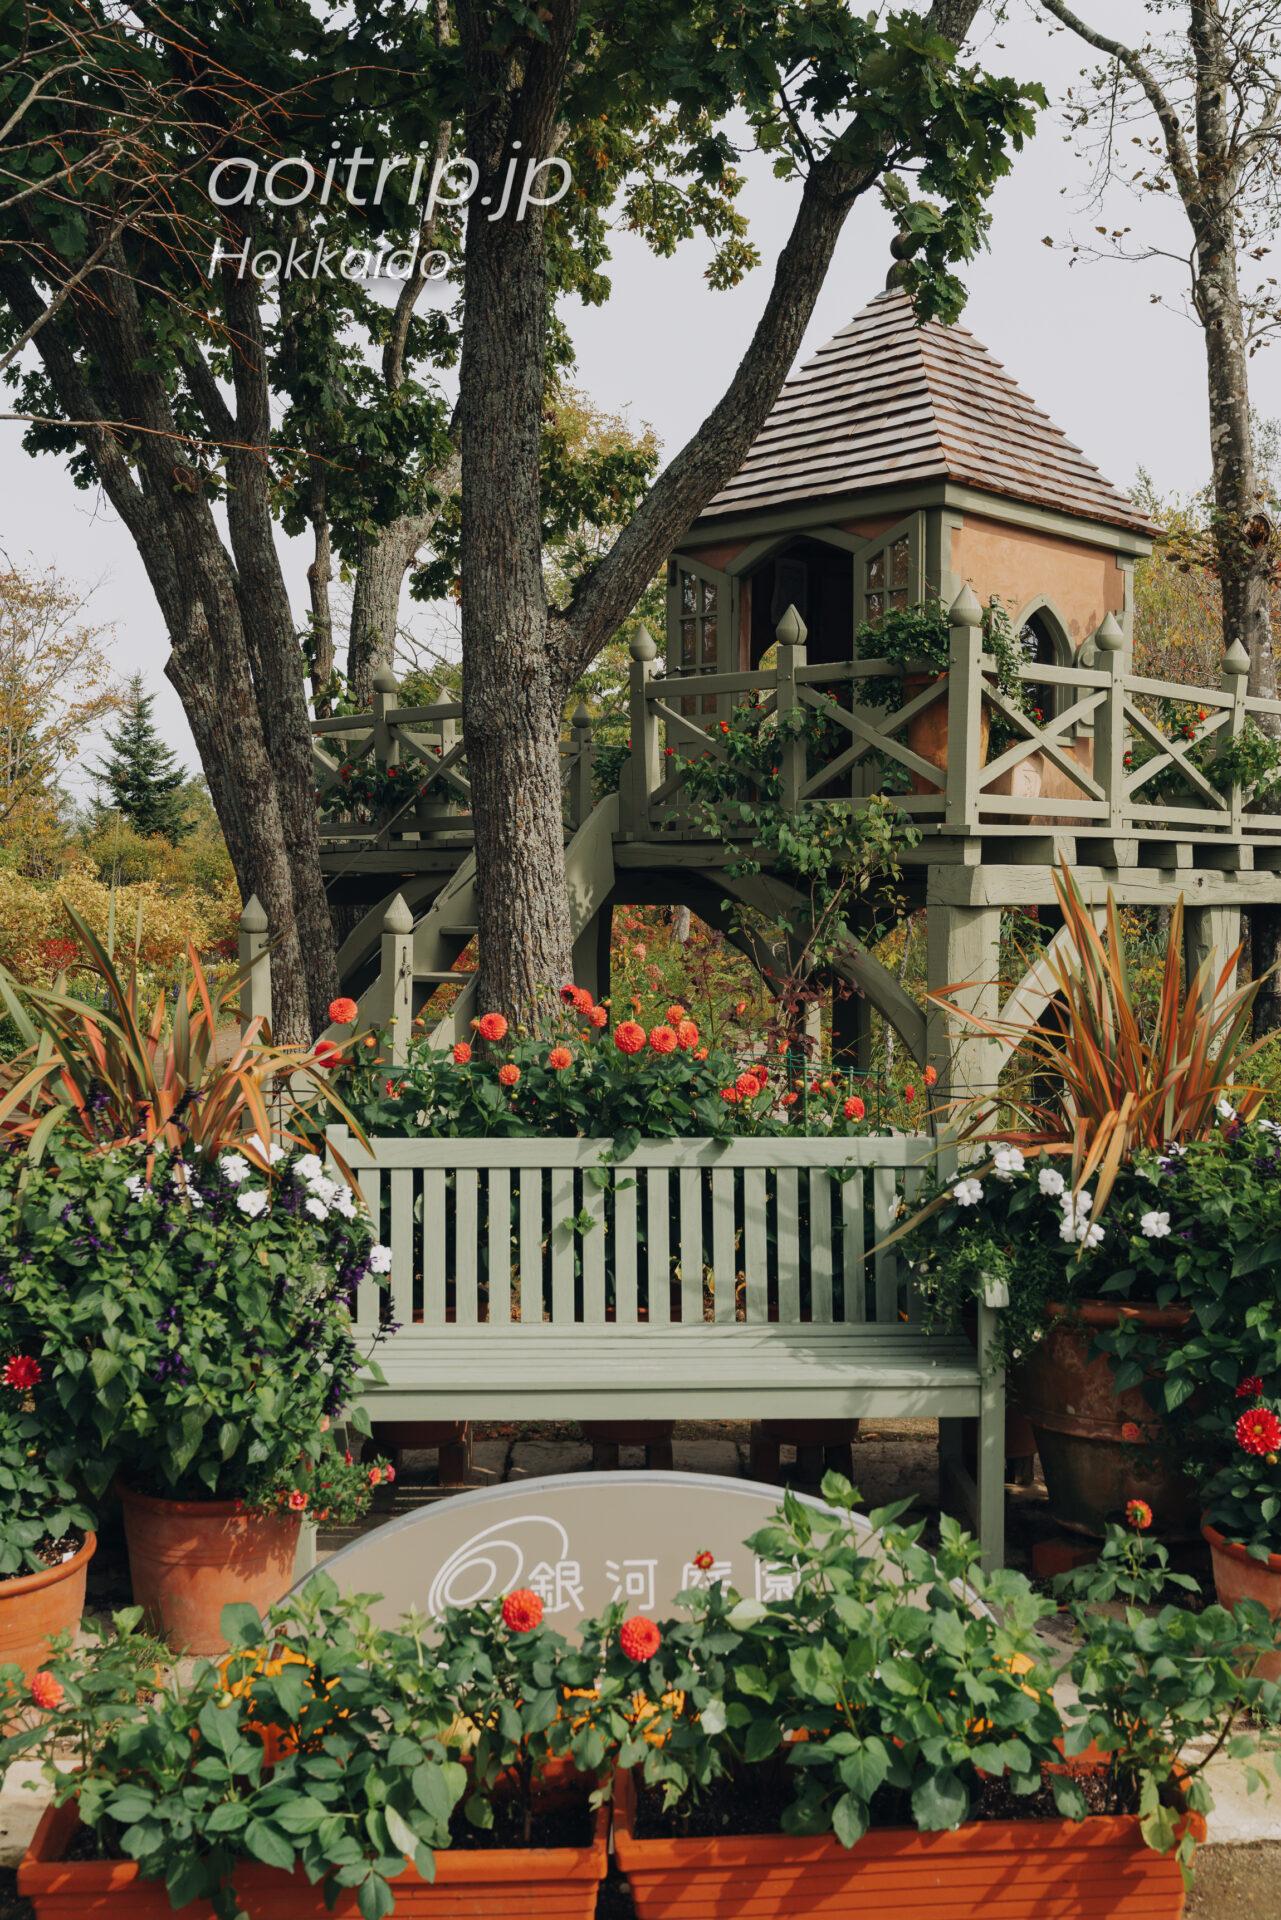 えこりん村 Ecorin Village 銀河庭園のチェルシーツリーハウス